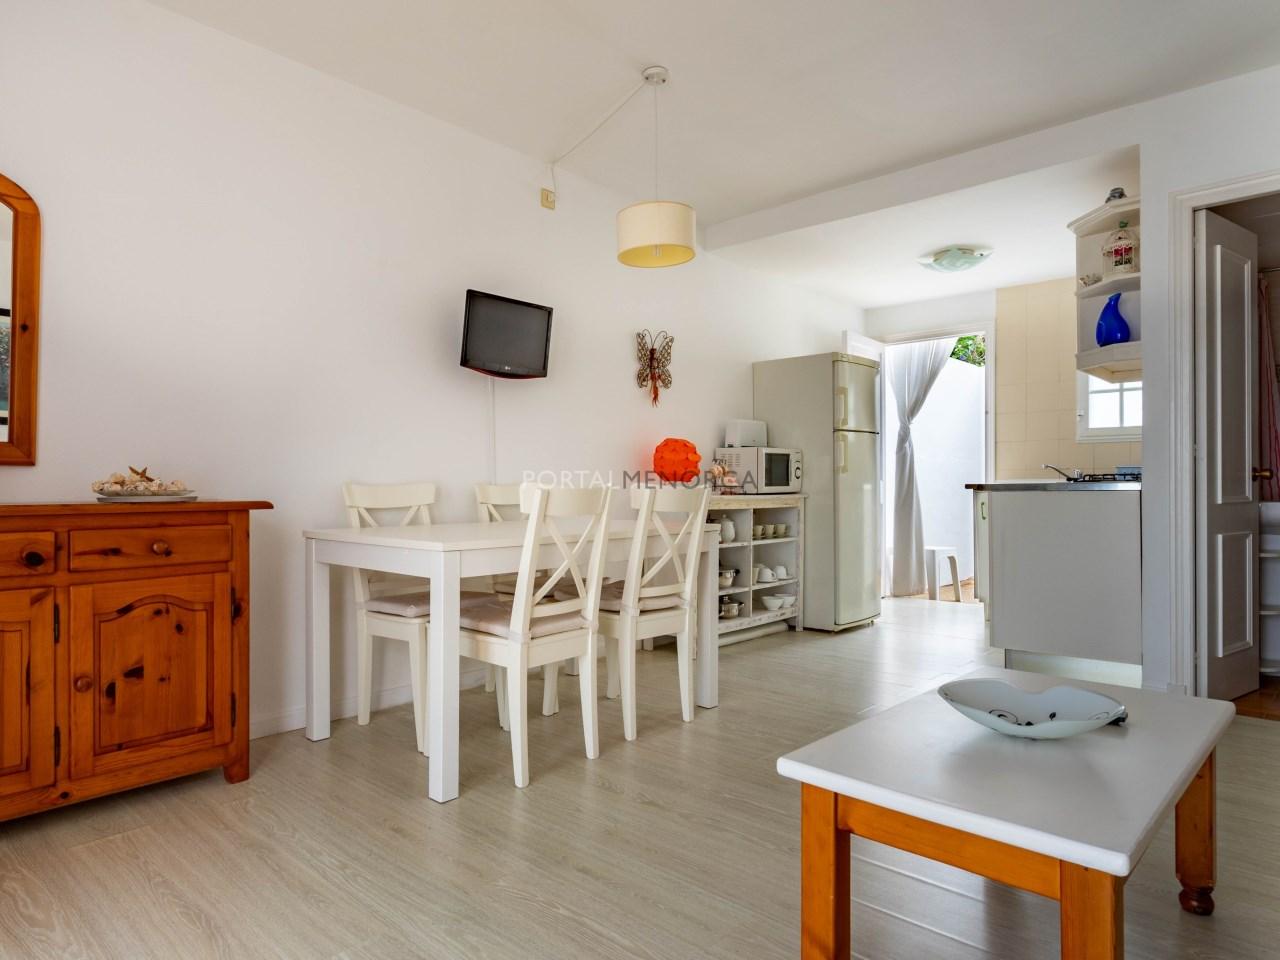 apartamento licencia turistica (5)